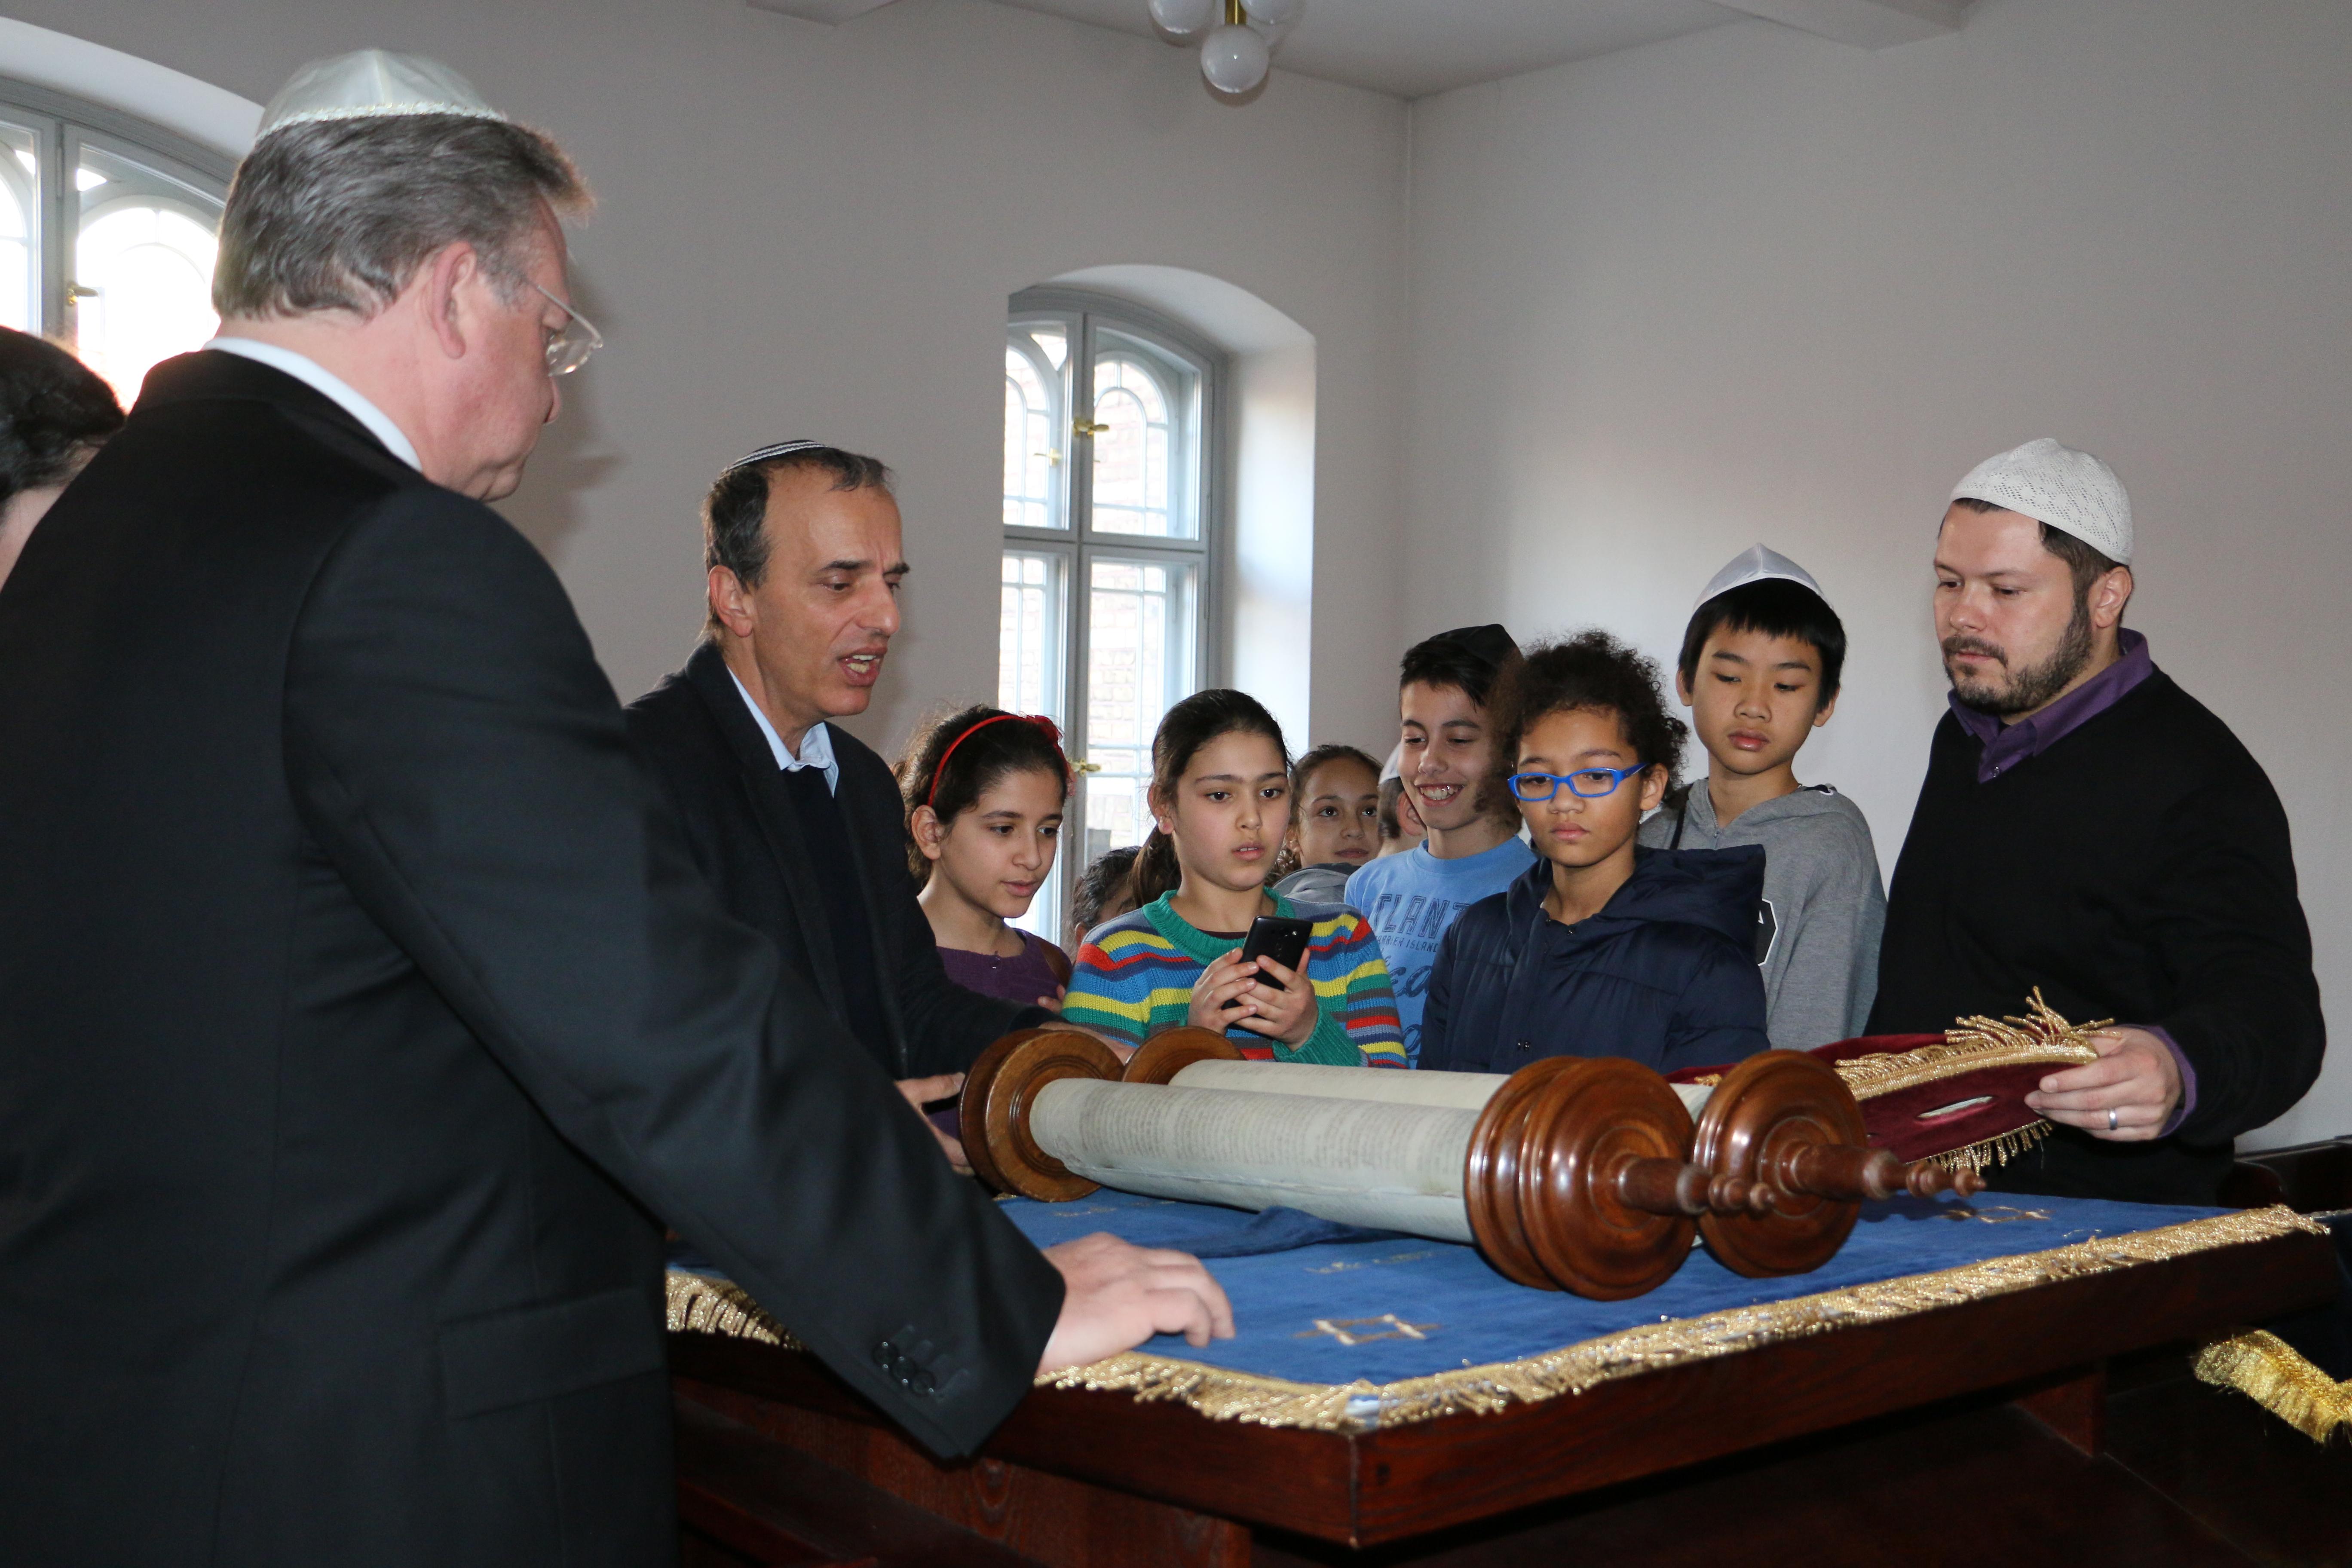 Synagogen-Besuch der Mierendorff-Schule